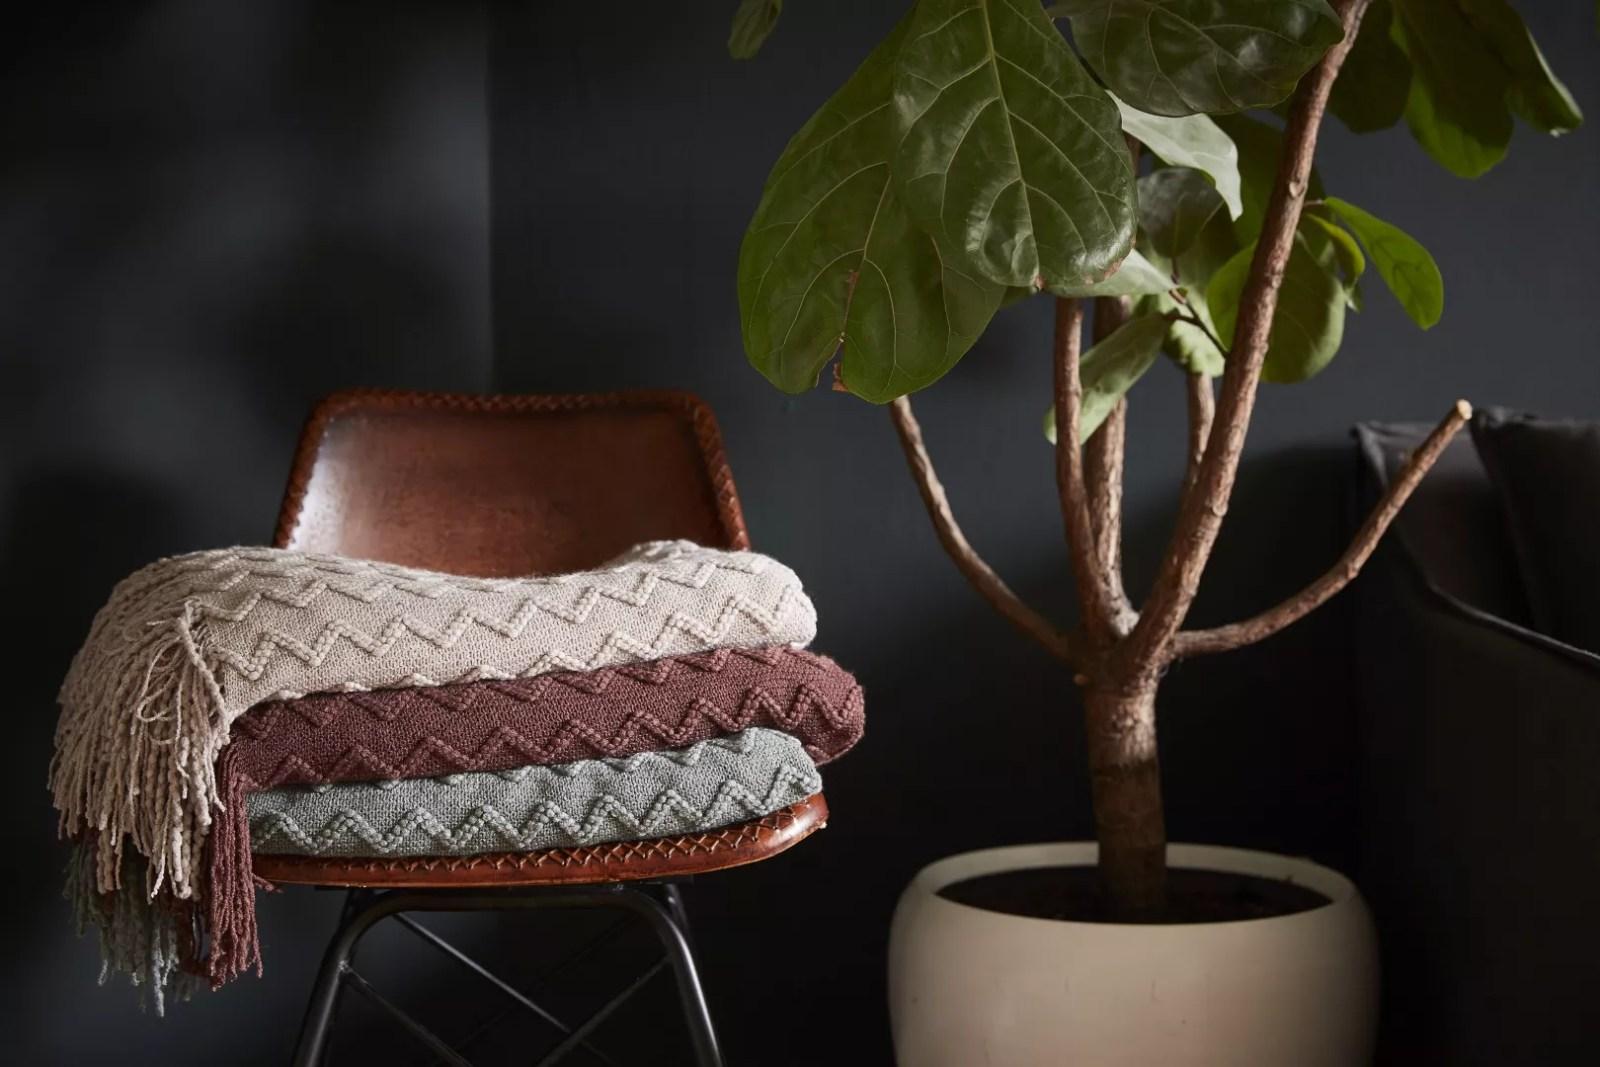 Interieur & kleur | Rood in de hoofdrol - Woonblog StijlvolStyling.com